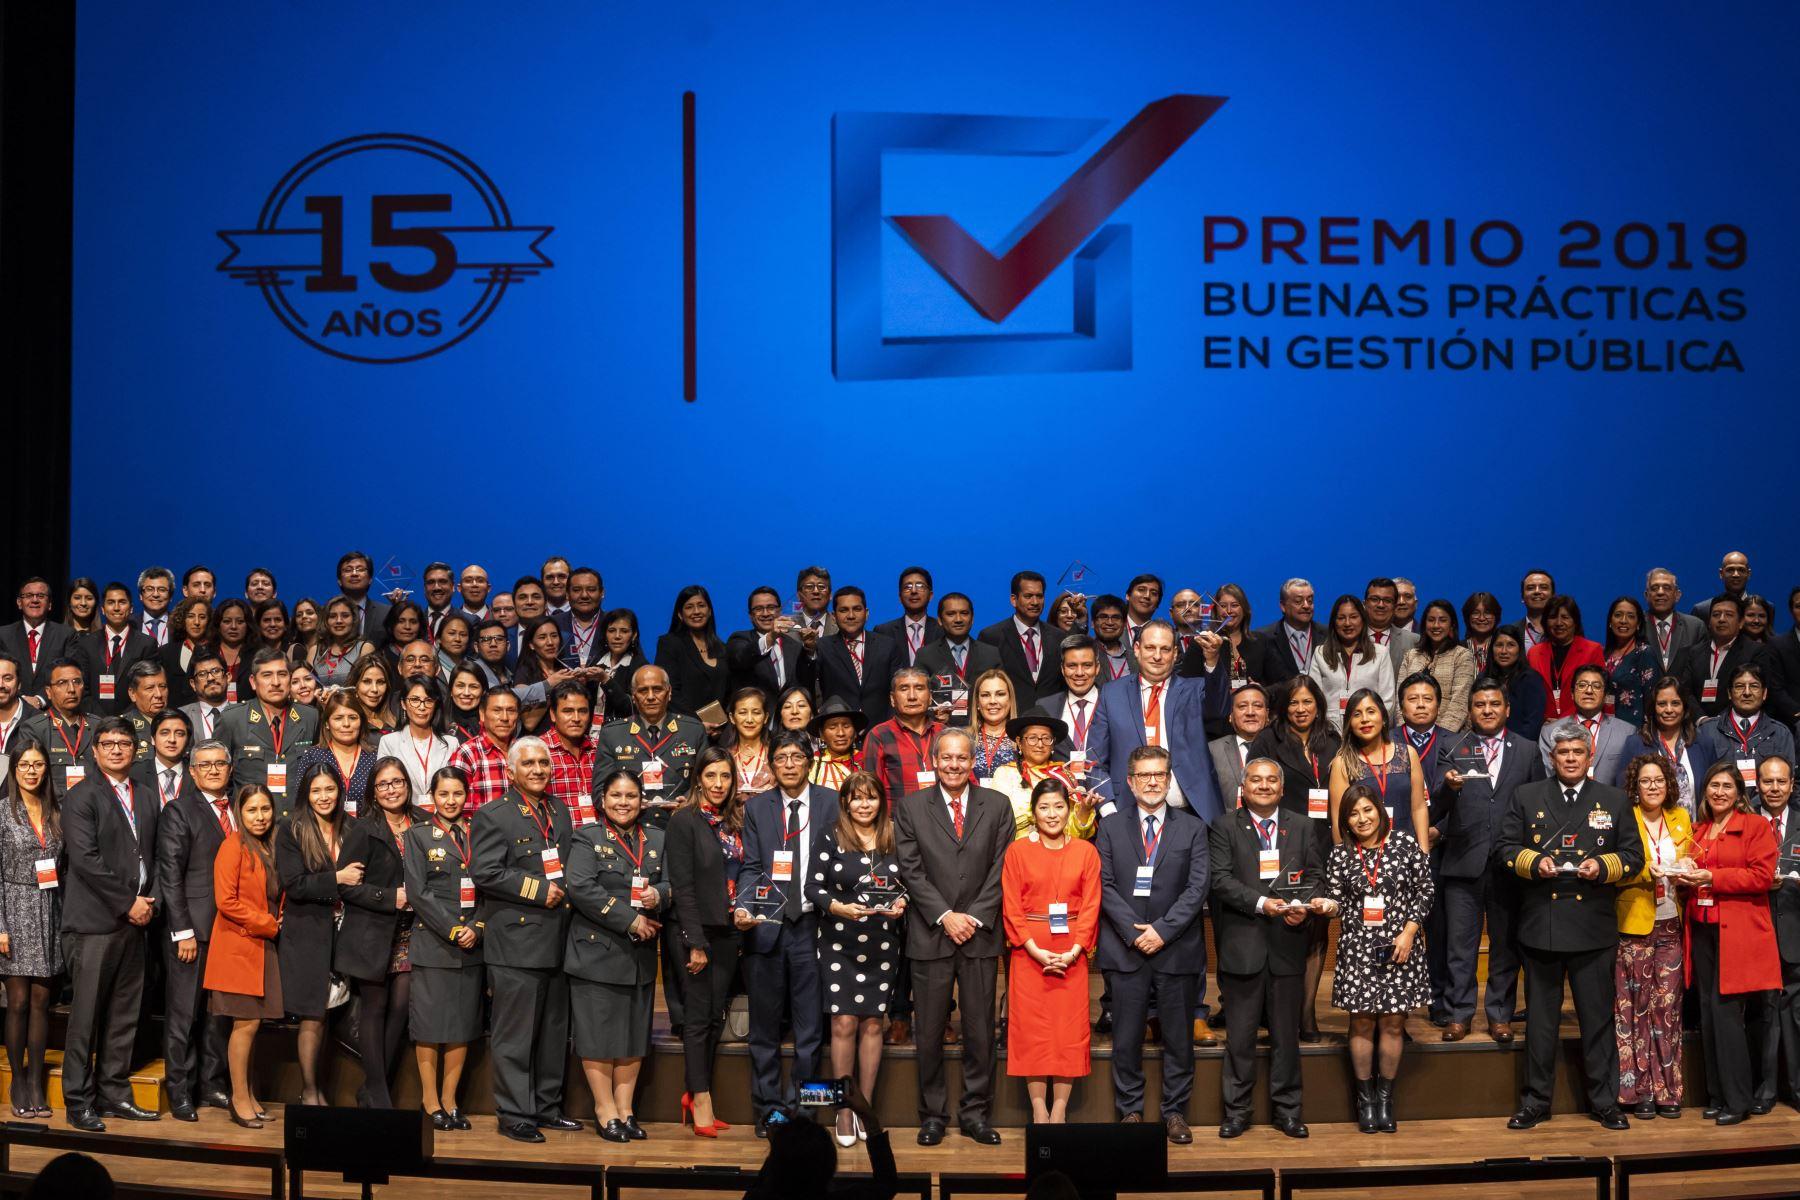 El Premio Buenas Prácticas de Gestión Pública,, se consolida. Ciudadanos al Día conmemoró en la versión 2019 quince años de trabajo. ANDINA/Difusión